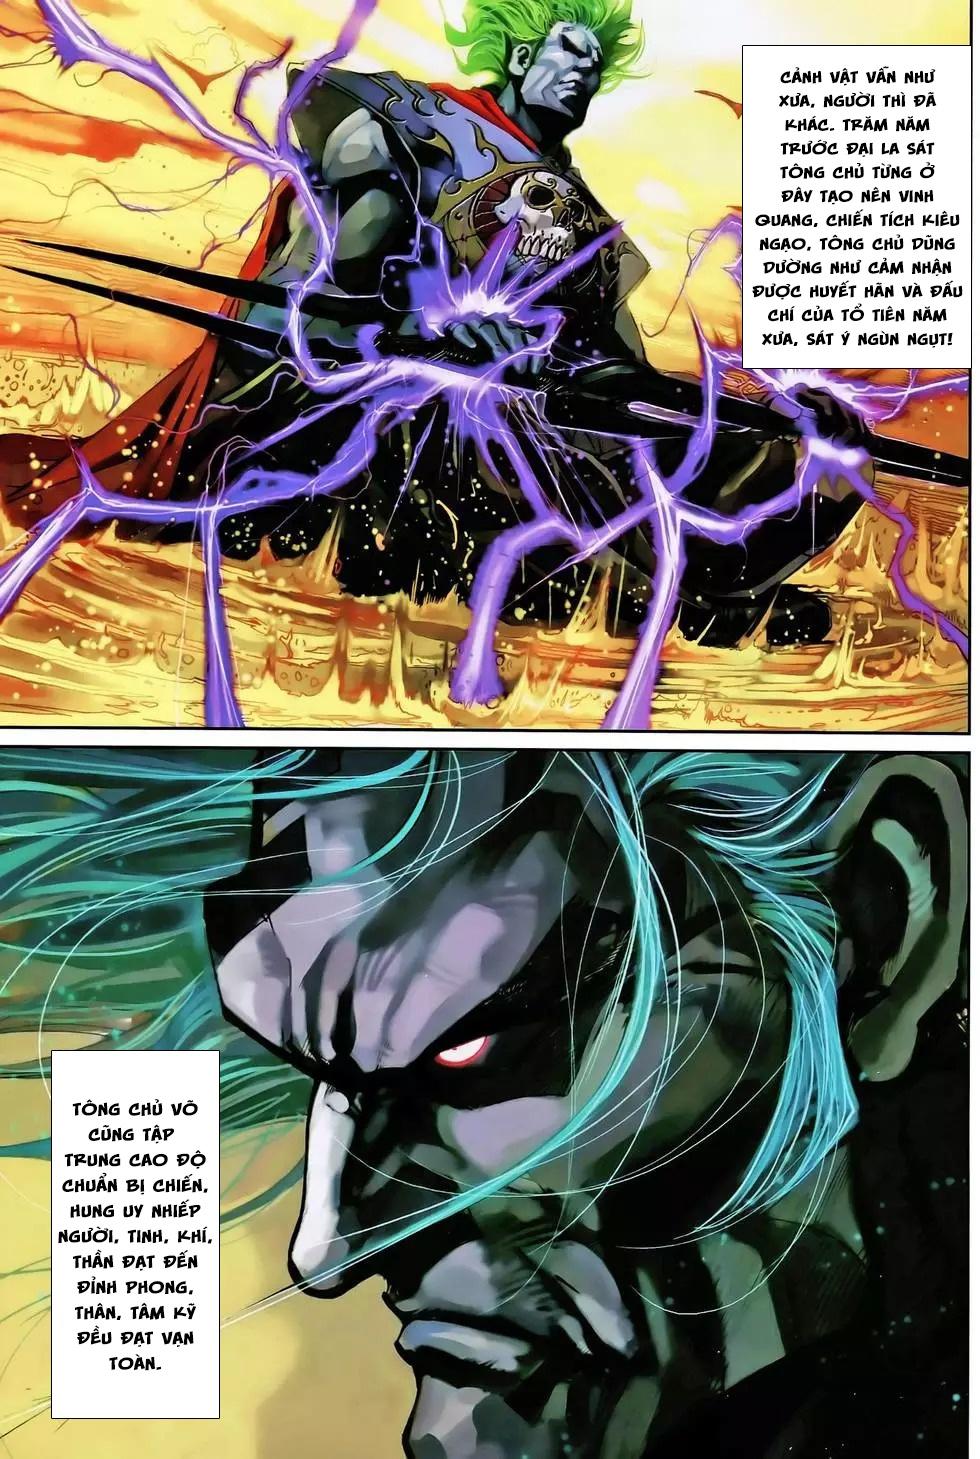 Thần binh huyền kỳ 3 - 3.5 tập 185 - 16